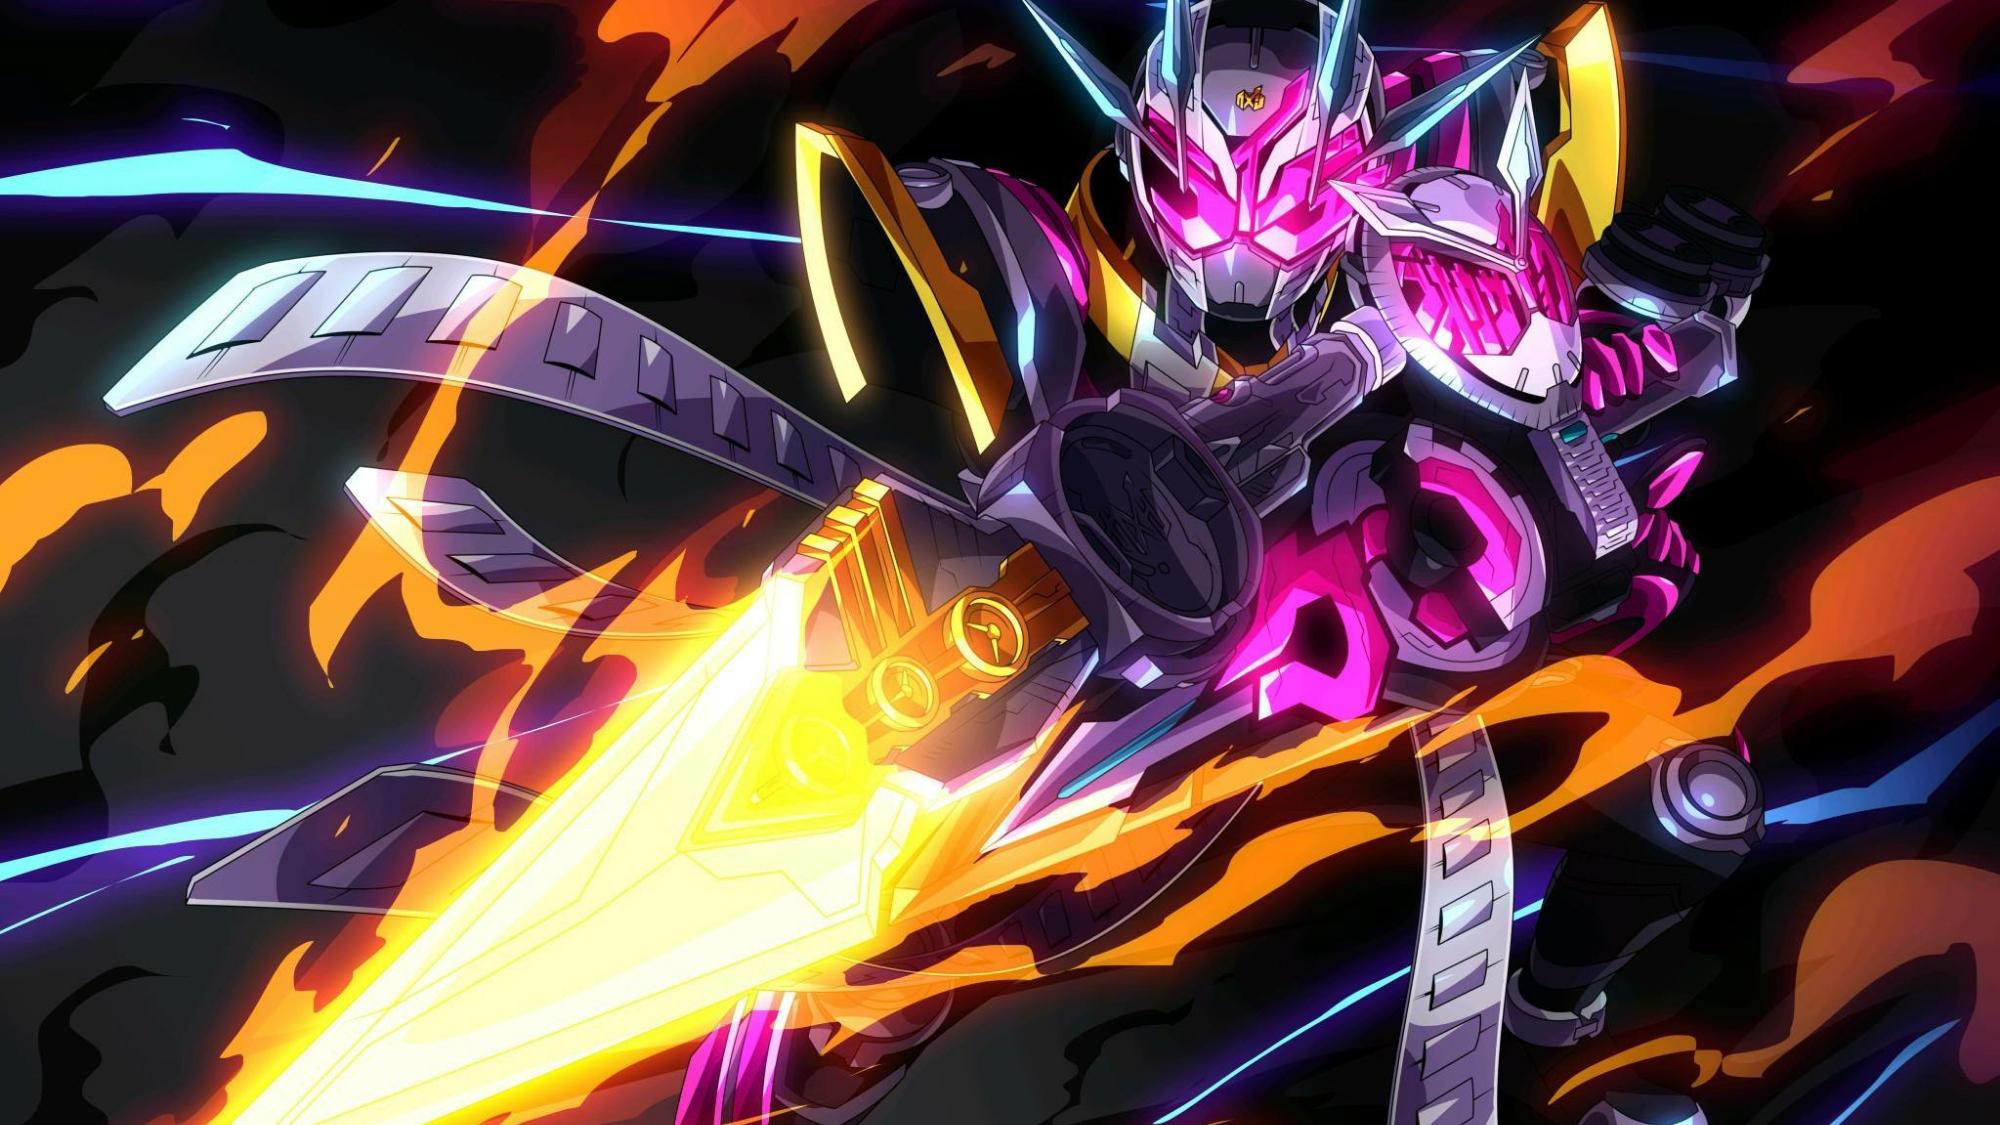 【假面骑士ZI-O/MAD】跨入黑暗的时间王者,他的眼帘究竟看到了什么?